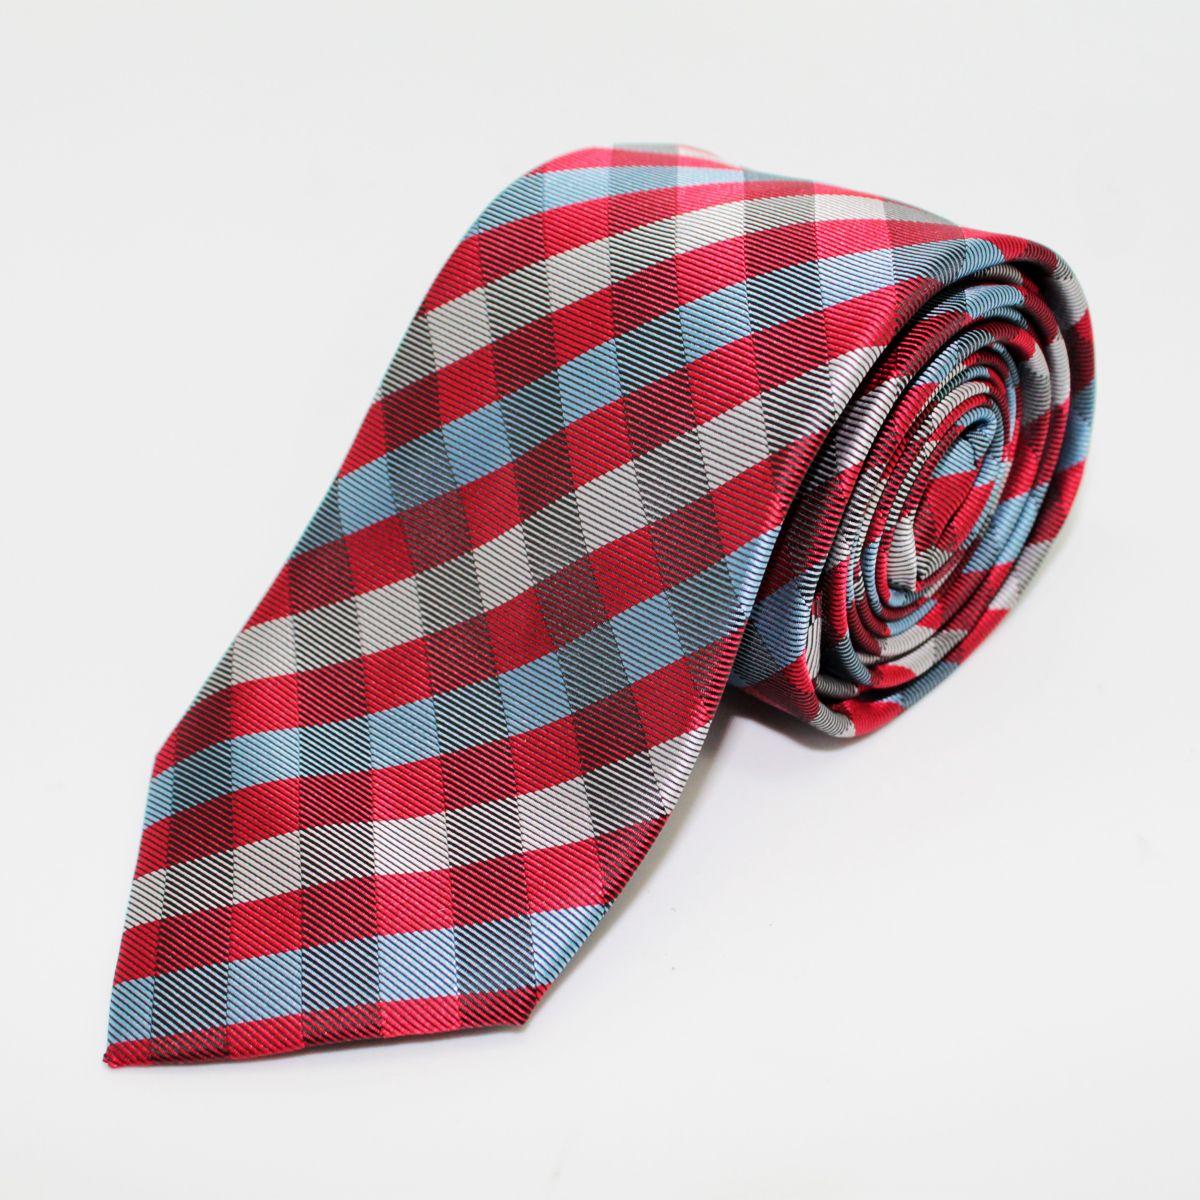 کراوات مردانه درسمن کد MED26 -  - 2